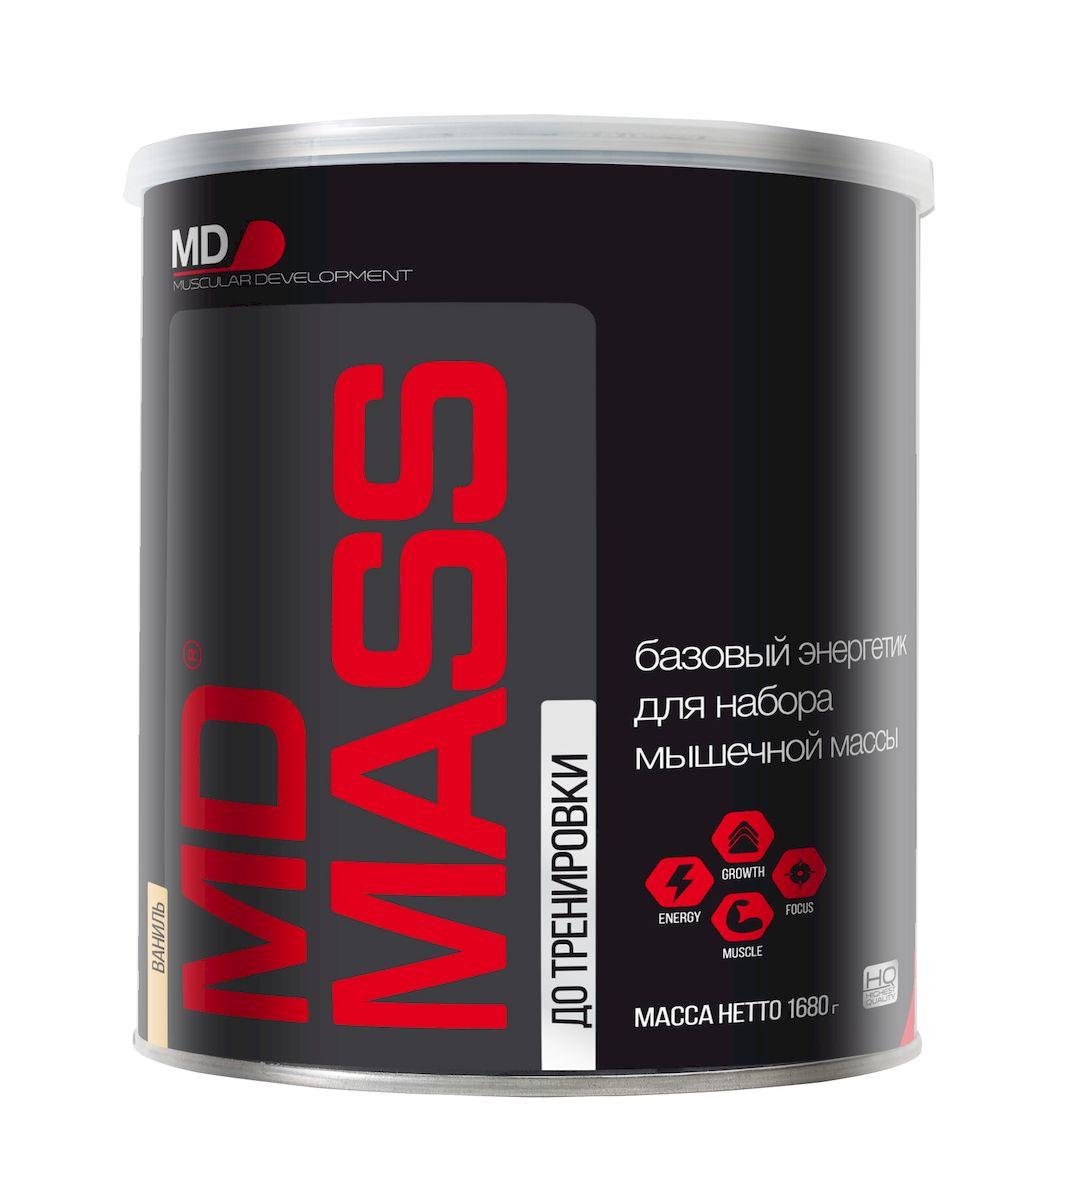 Энергетик MD  Масс , ванильный, 1,68 кг - Энергетики